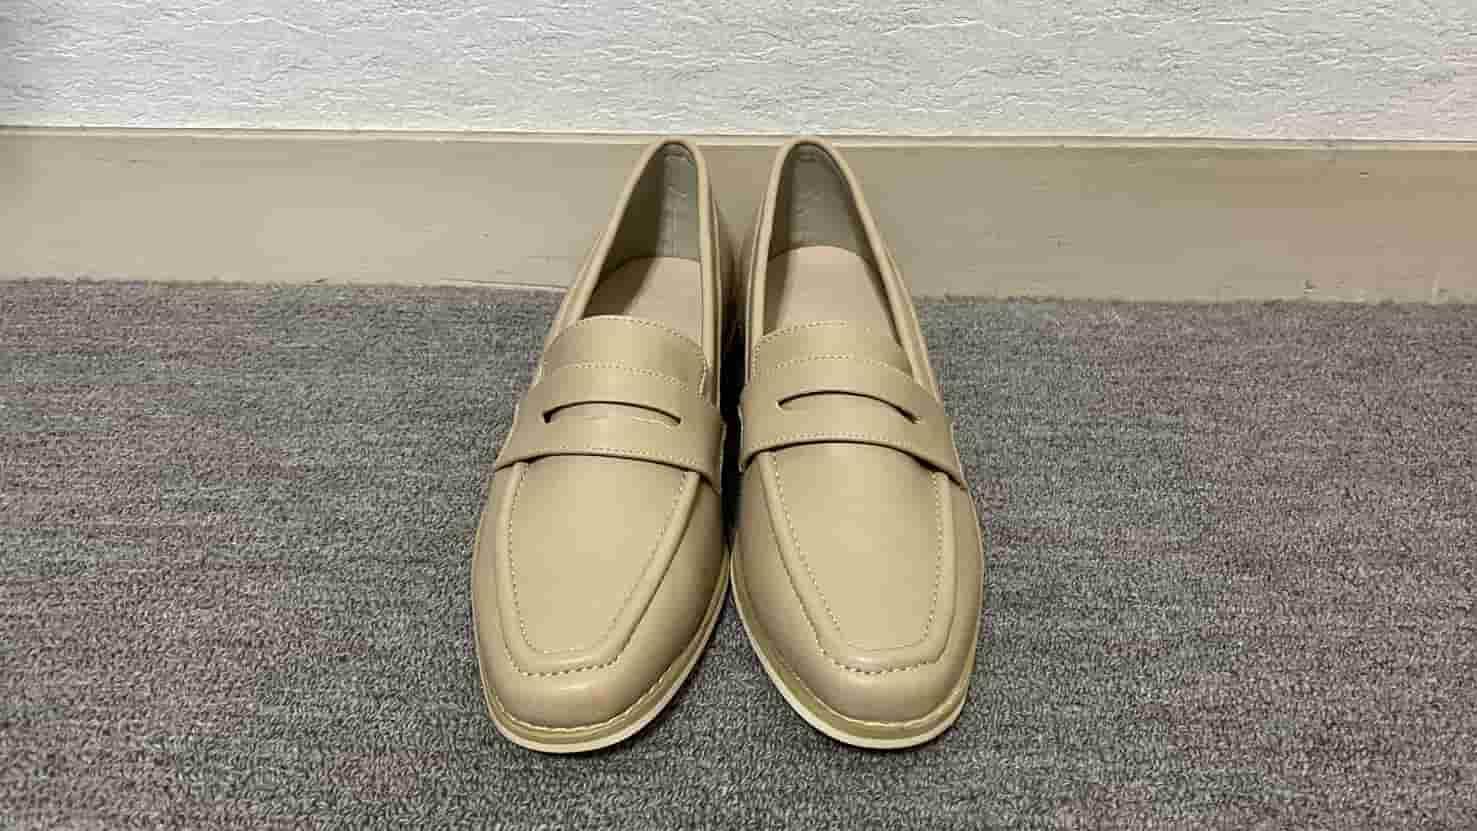 【お気に入りの靴】春夏にぴったり!ミュールとローファーを紹介_5